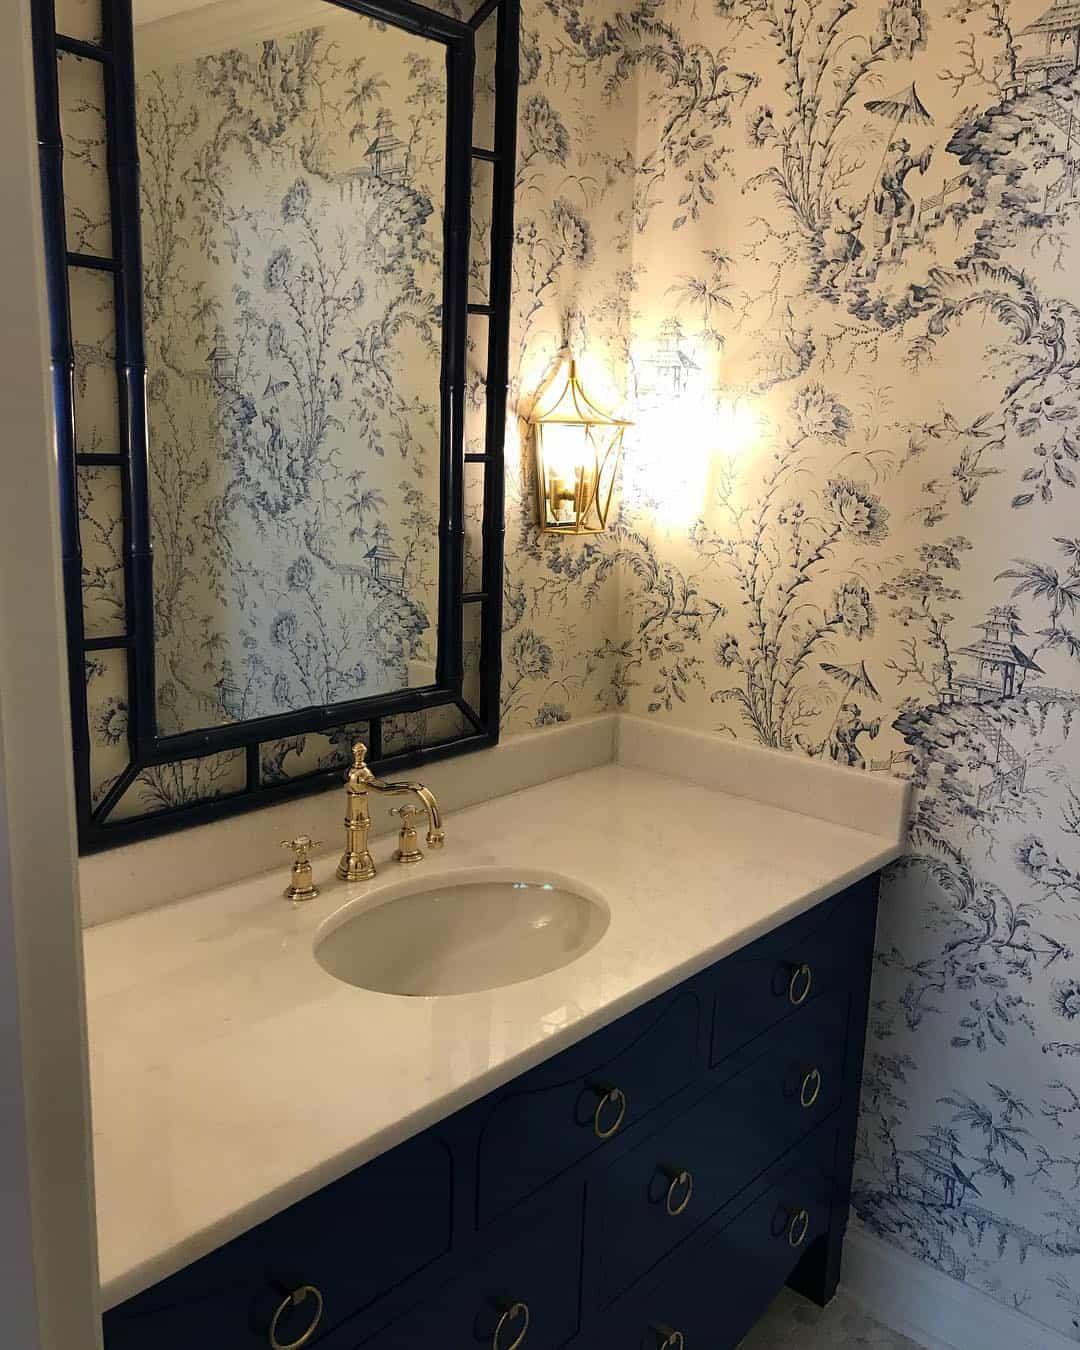 Bathroom Designs 2020: Steampunk Bathroom Decor Ideas (35 ...